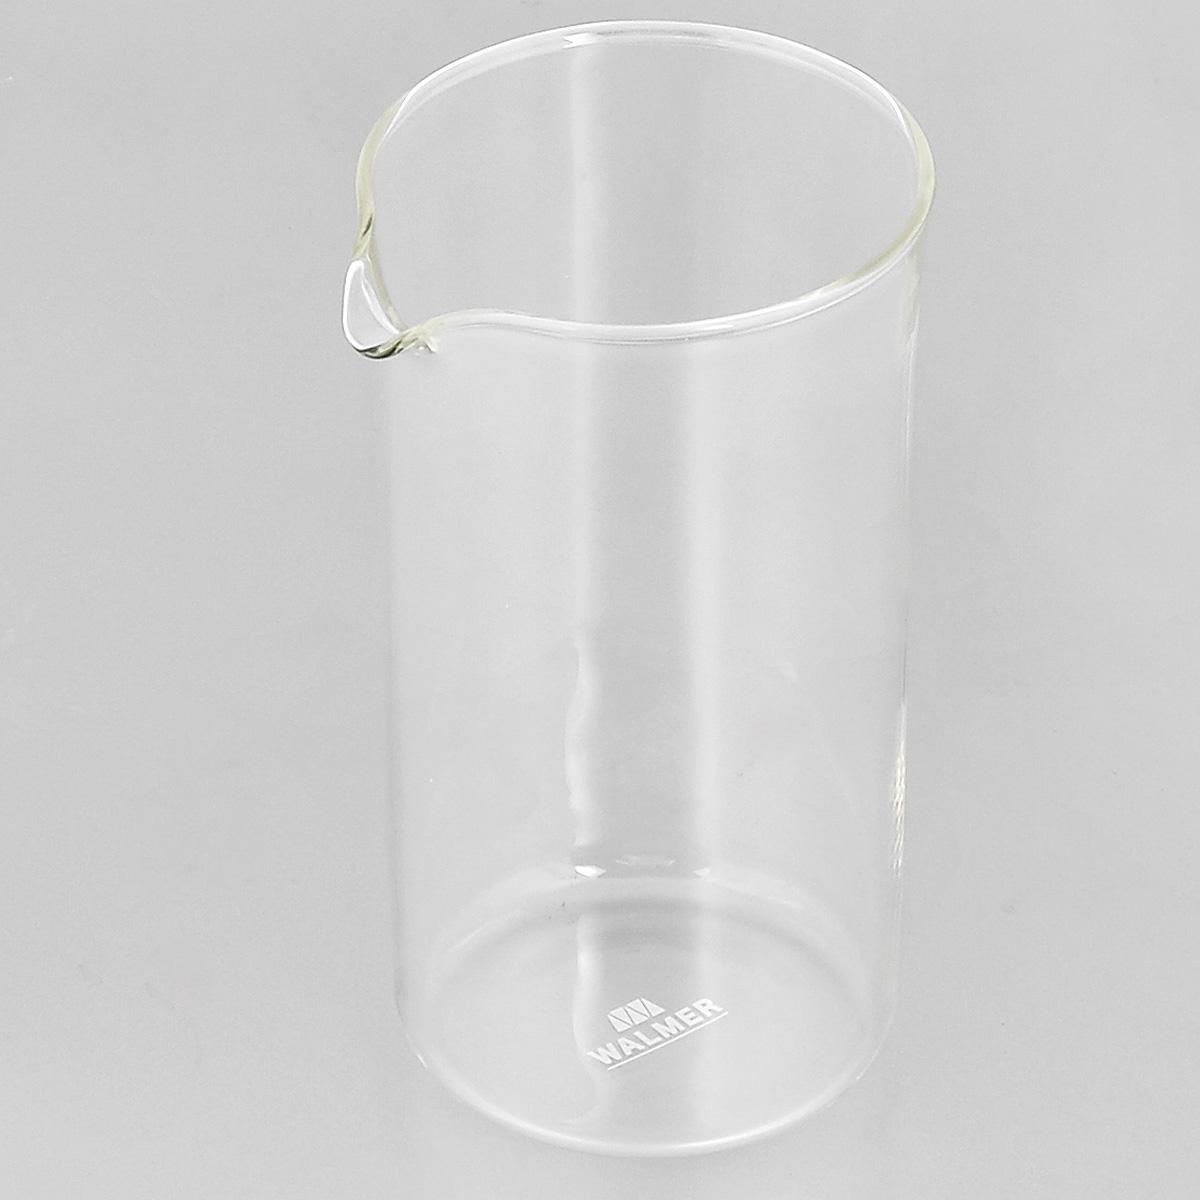 Колба для кофейников Walmer, 350 млW04001035Колба Walmer, изготовленная из высококачественного прозрачного стекла, предназначена для кофейников и френч-прессов. Изделие прекрасно подойдет для замены старой разбитой колбы. Это сосуд, который напрямую контактирует с напитком, поэтому он должен быть выполнен из качественных материалов. Изделие выдерживает высокие температуры и не мутнеет при многократном мытье. Данная колба прослужит вам надежно и долго.Можно мыть в посудомоечной машине.Диаметр: 7 см.Высота: 13,5 см.Объем: 350 мл.